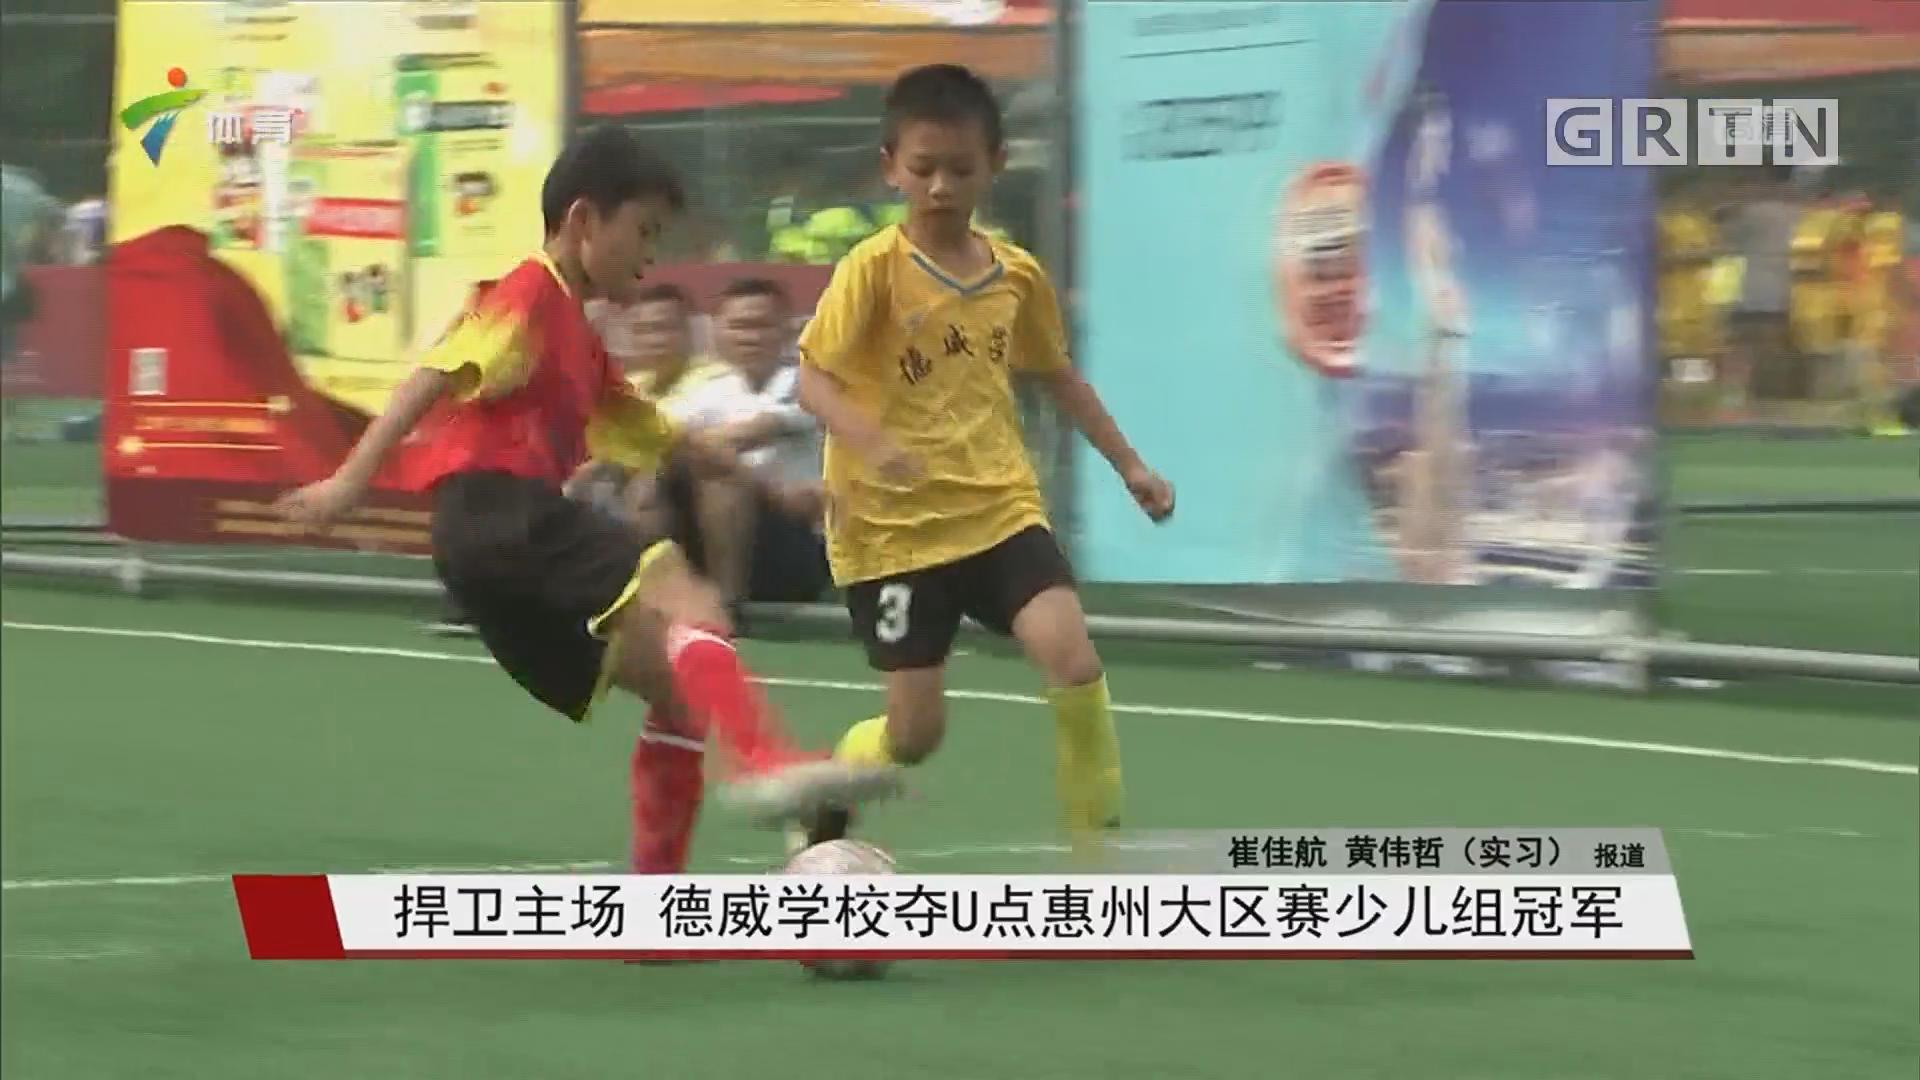 捍卫主场 德威学校夺U点惠州大区赛少儿组冠军